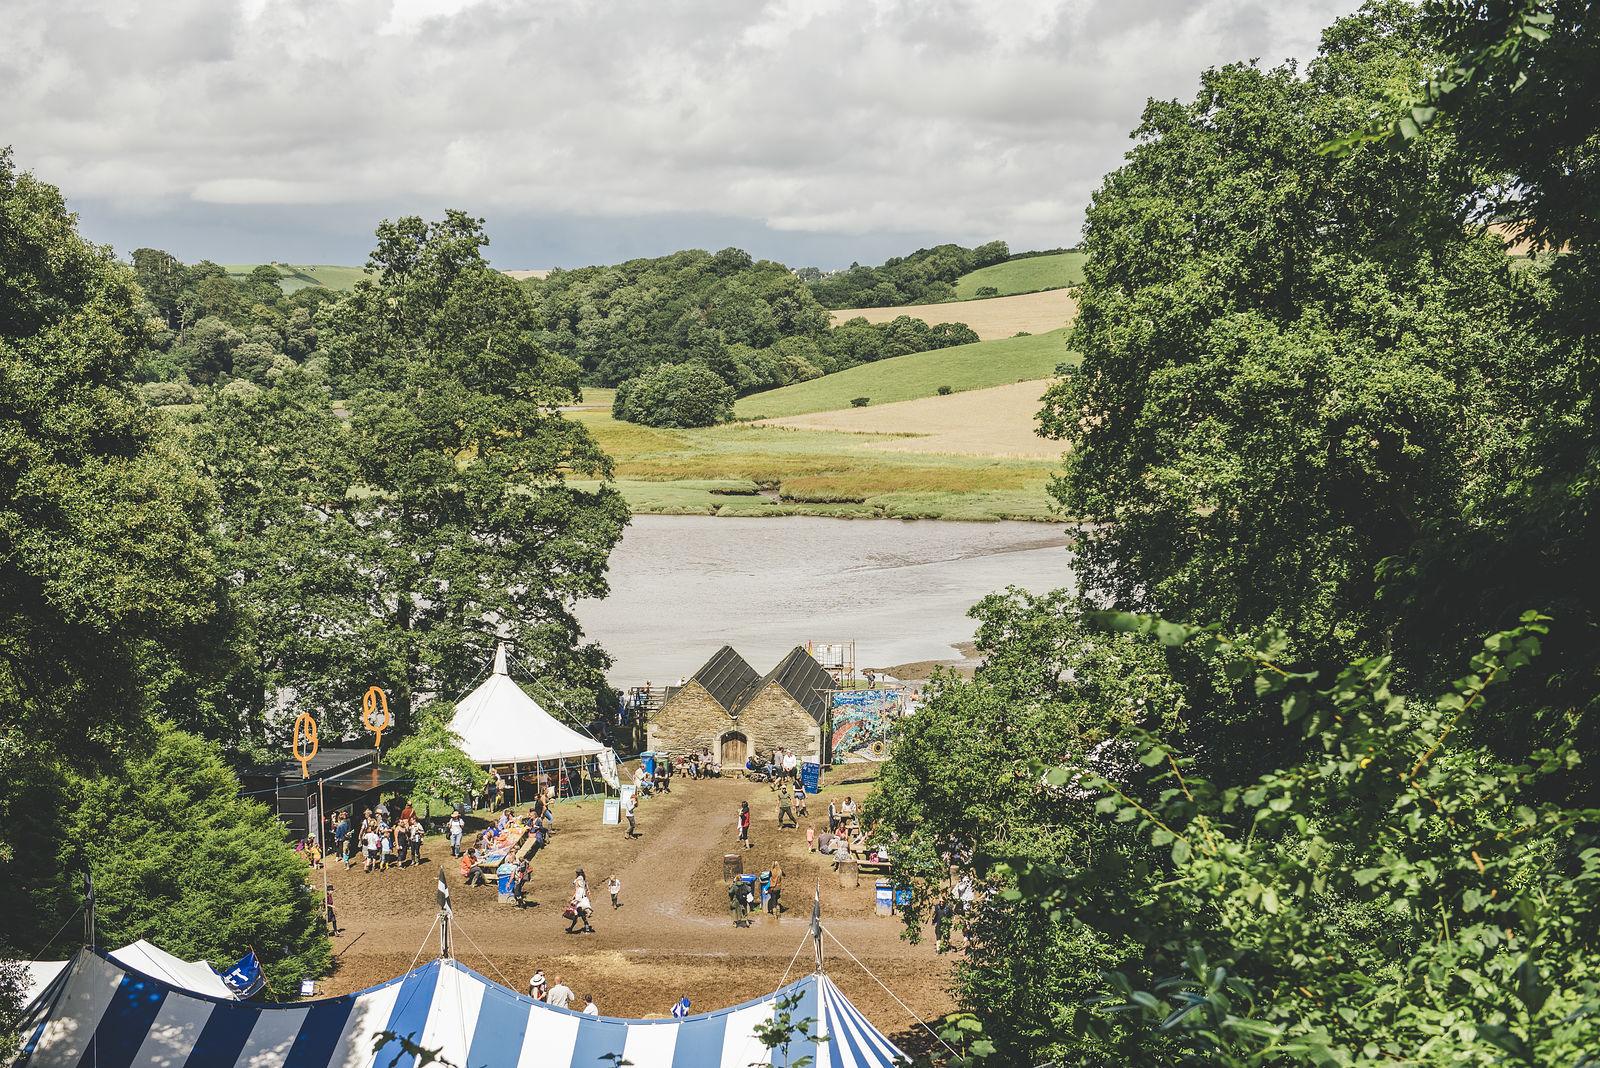 Port Eliot Festival 2017